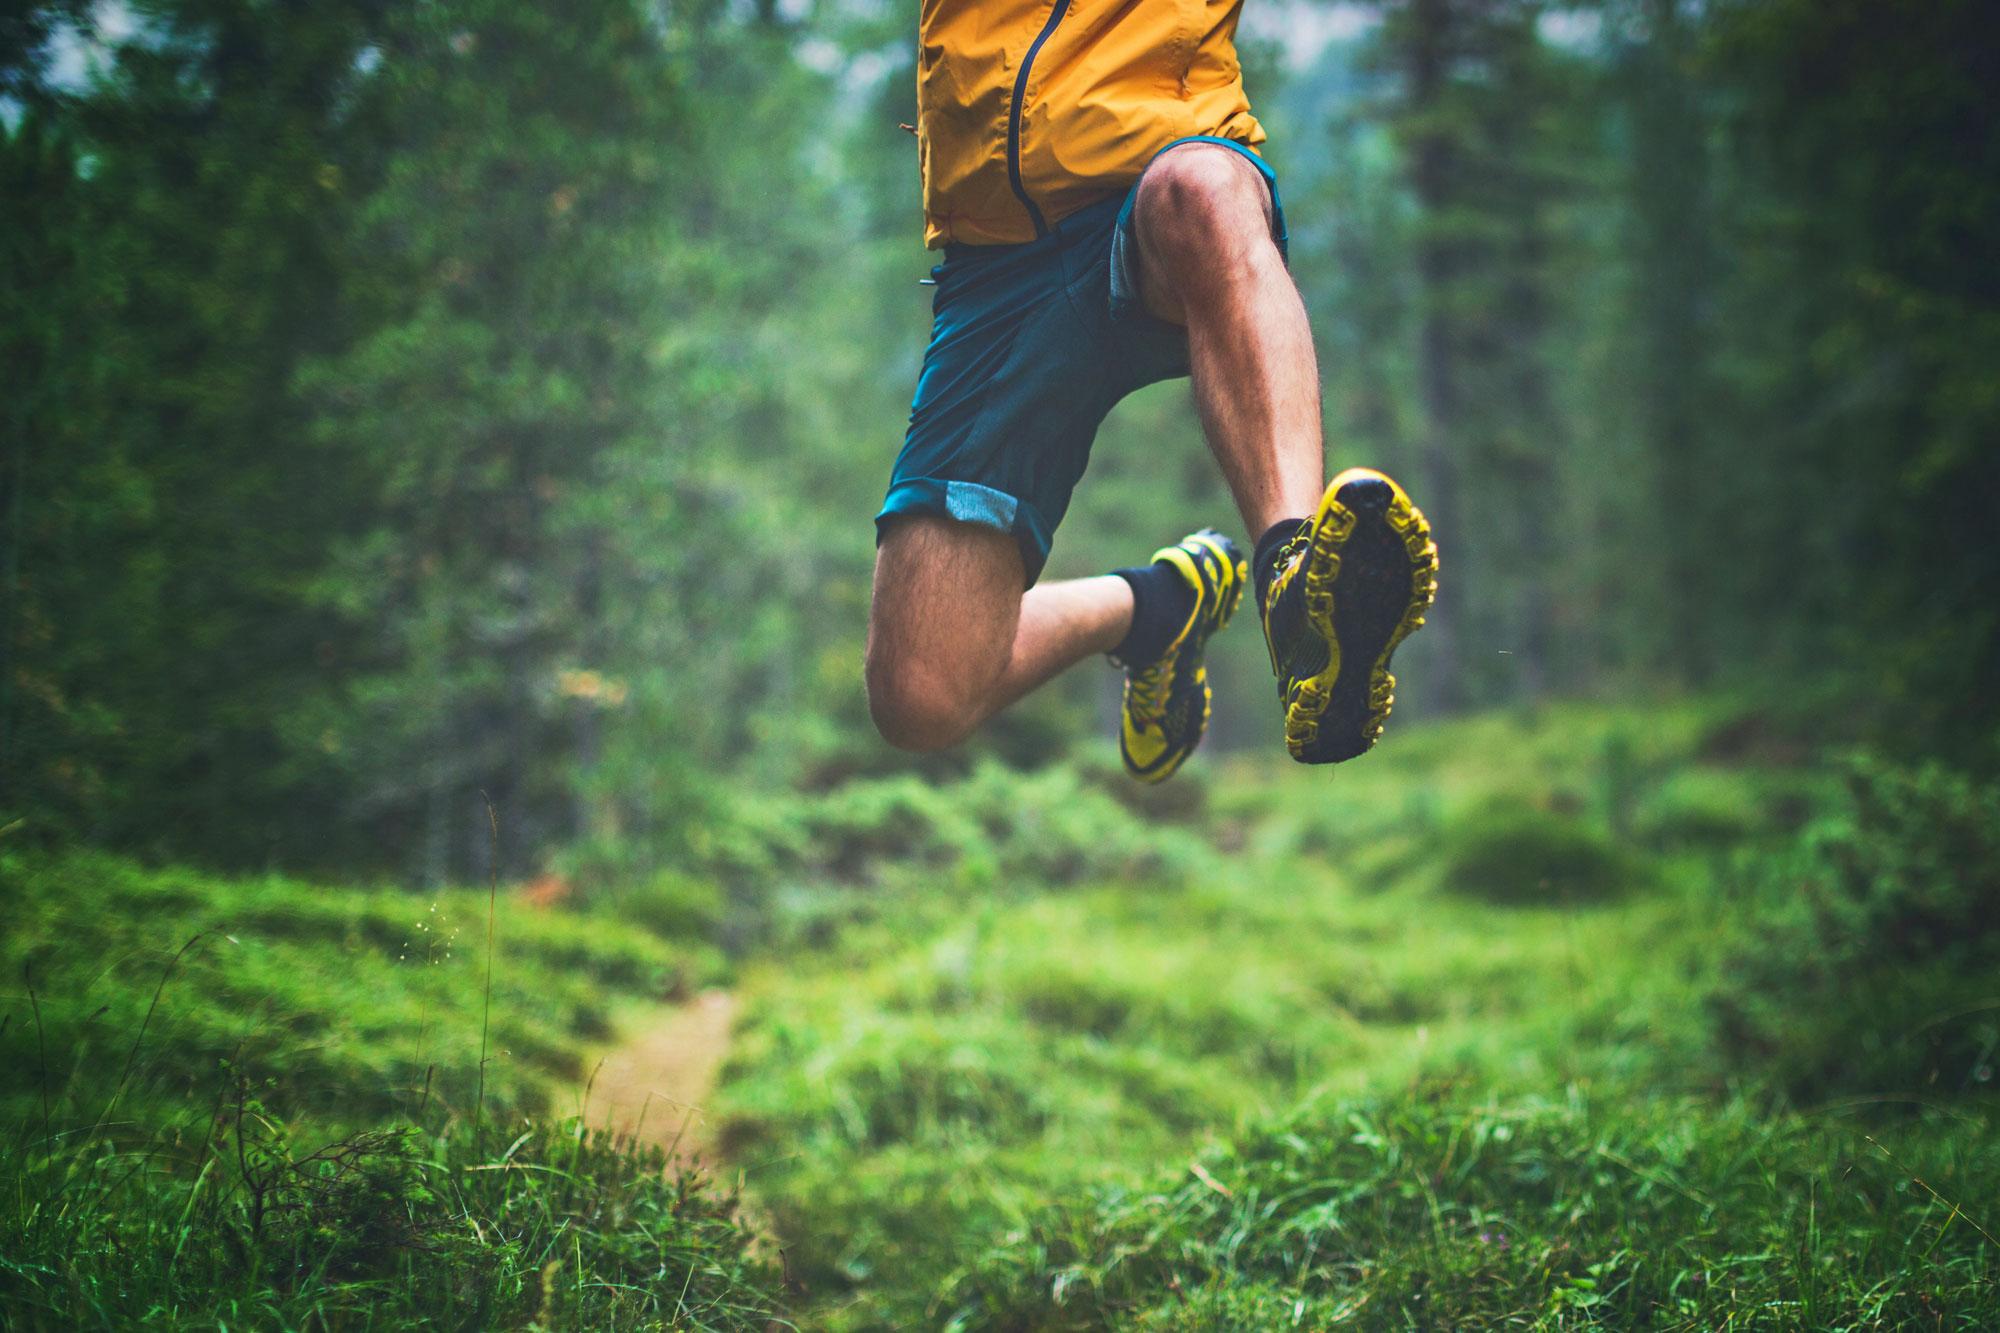 Mann bei einem Sprung im Wald